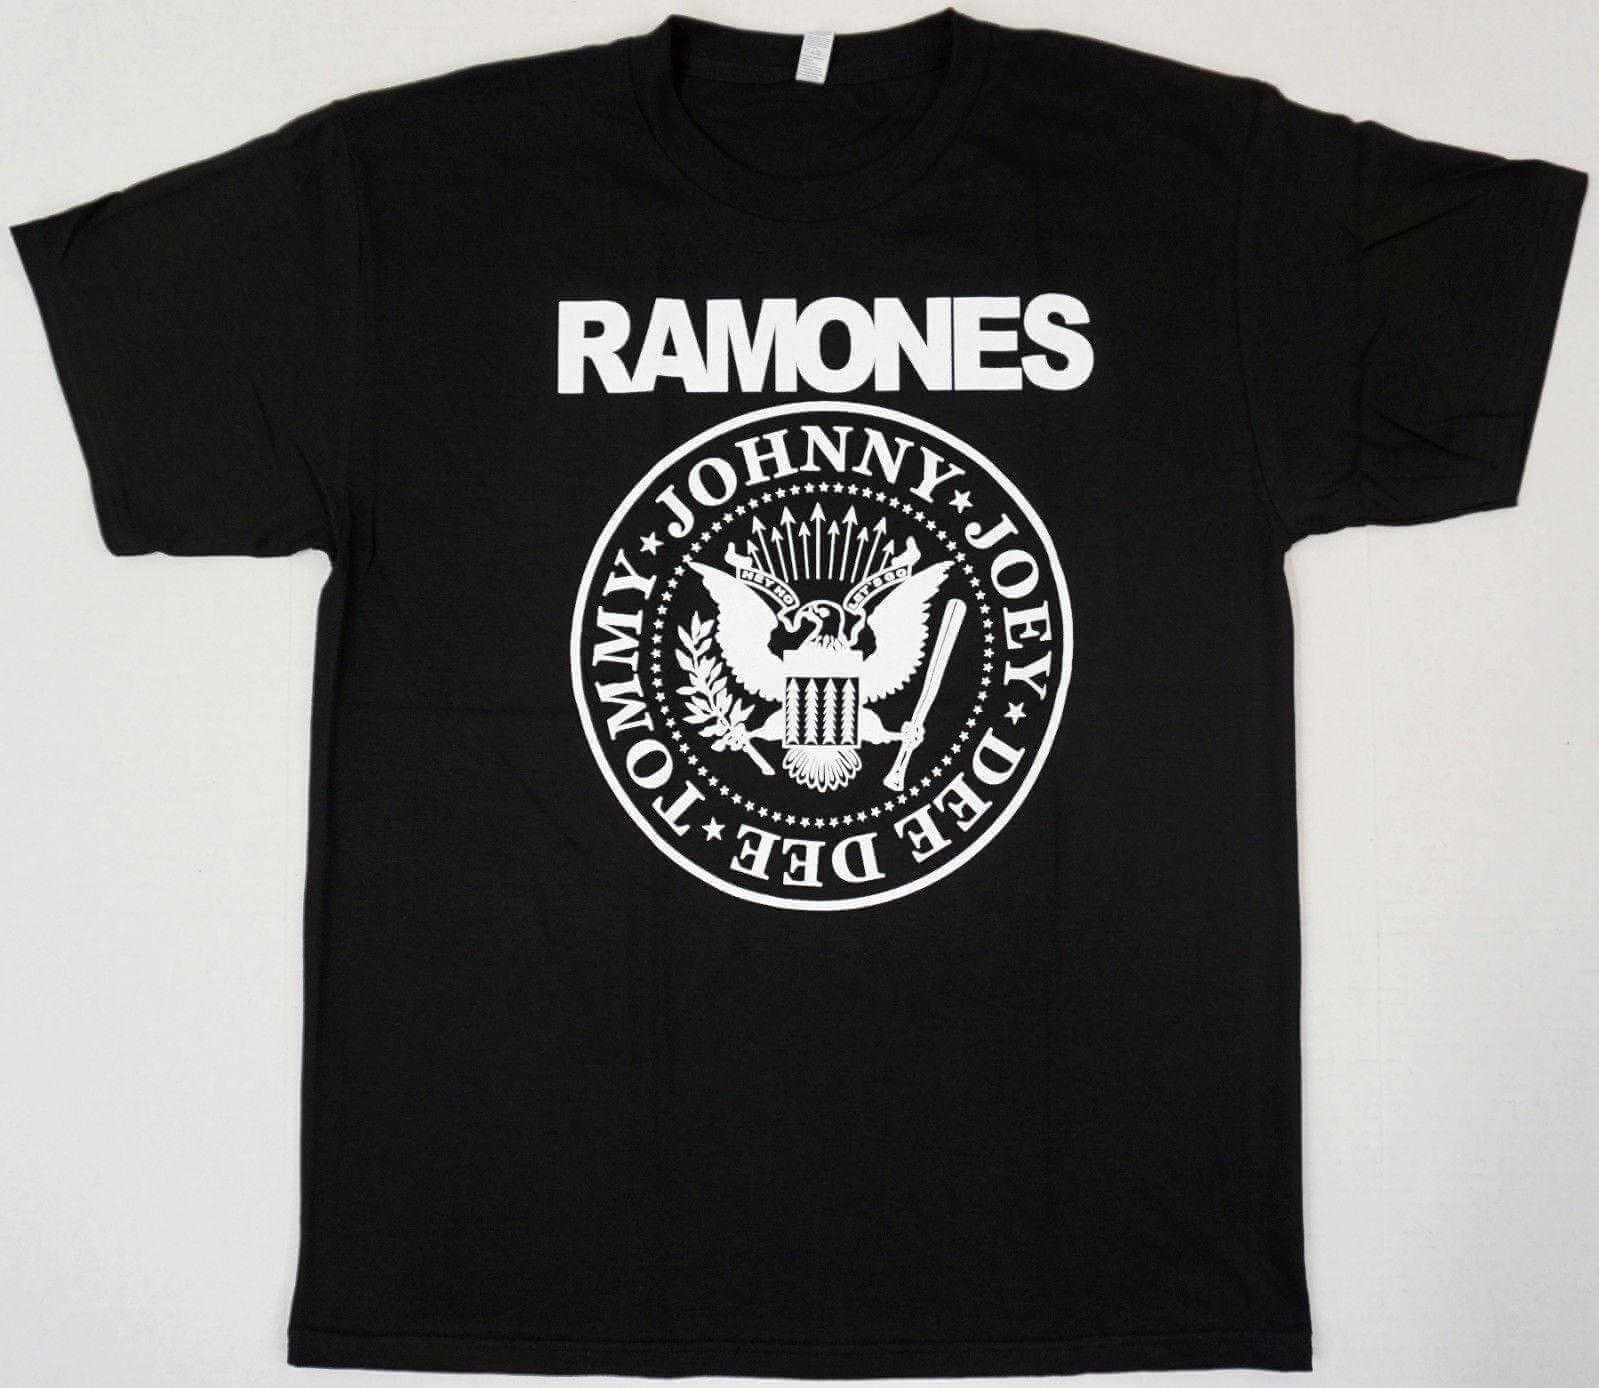 Camiseta con el logo de los ramones